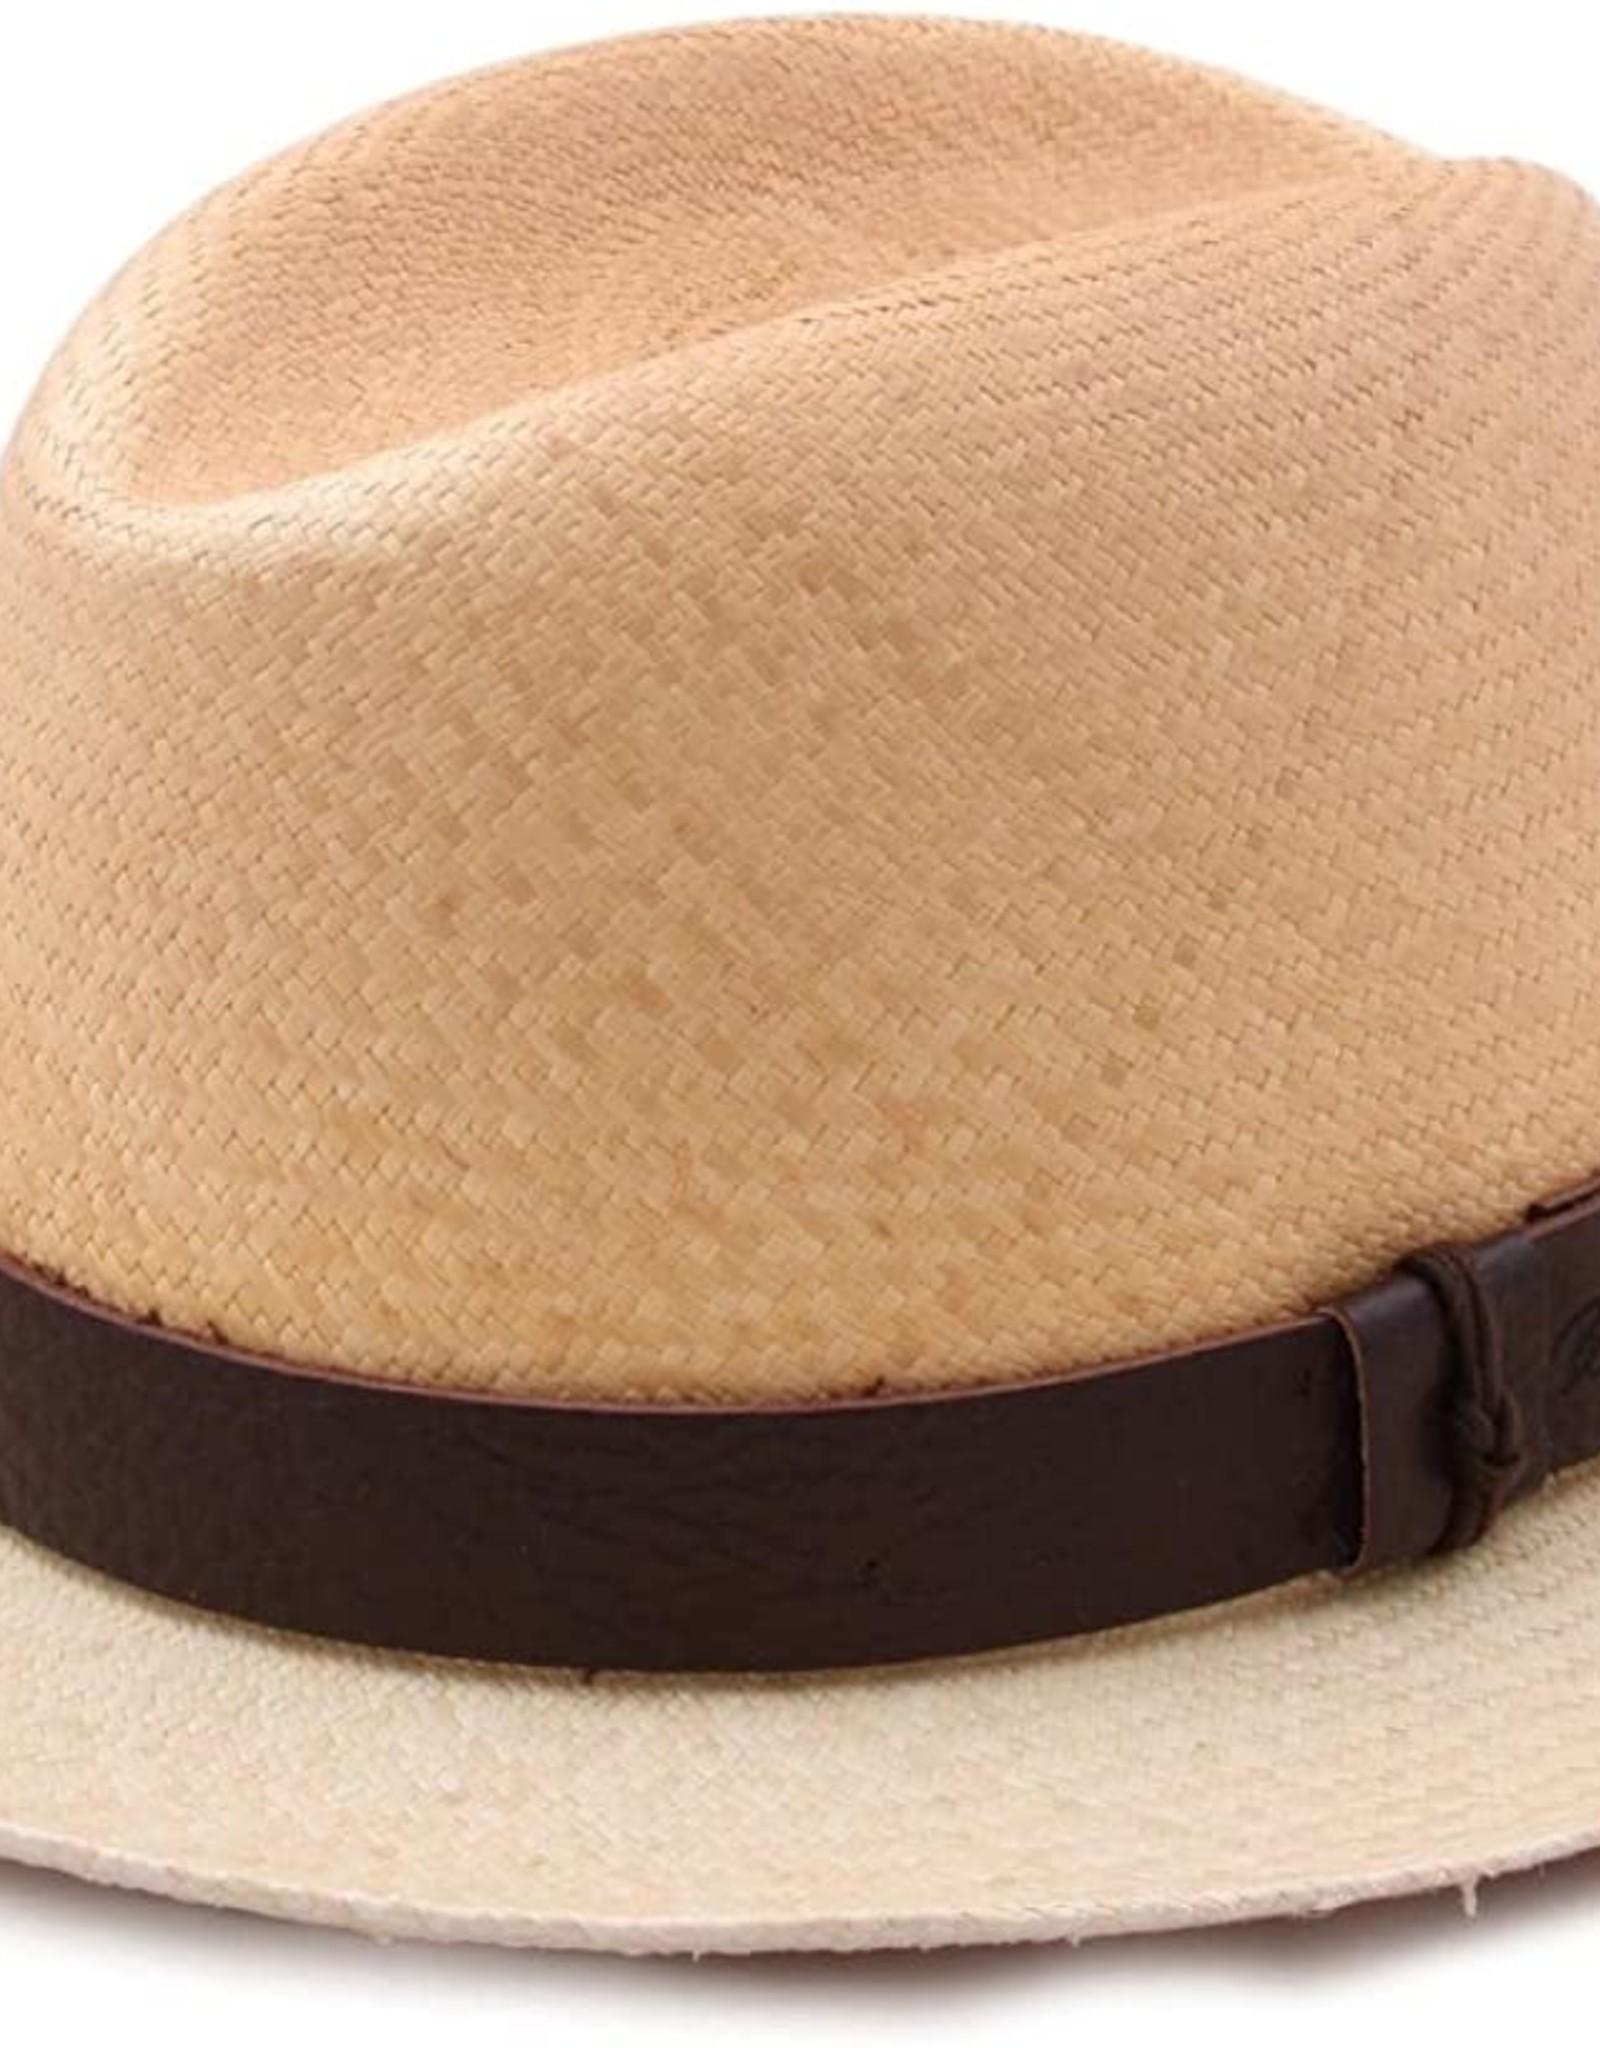 Bailey Hat Co. HAT-PANAMA-WOODS, HANDWOVEN IN ECUADOR